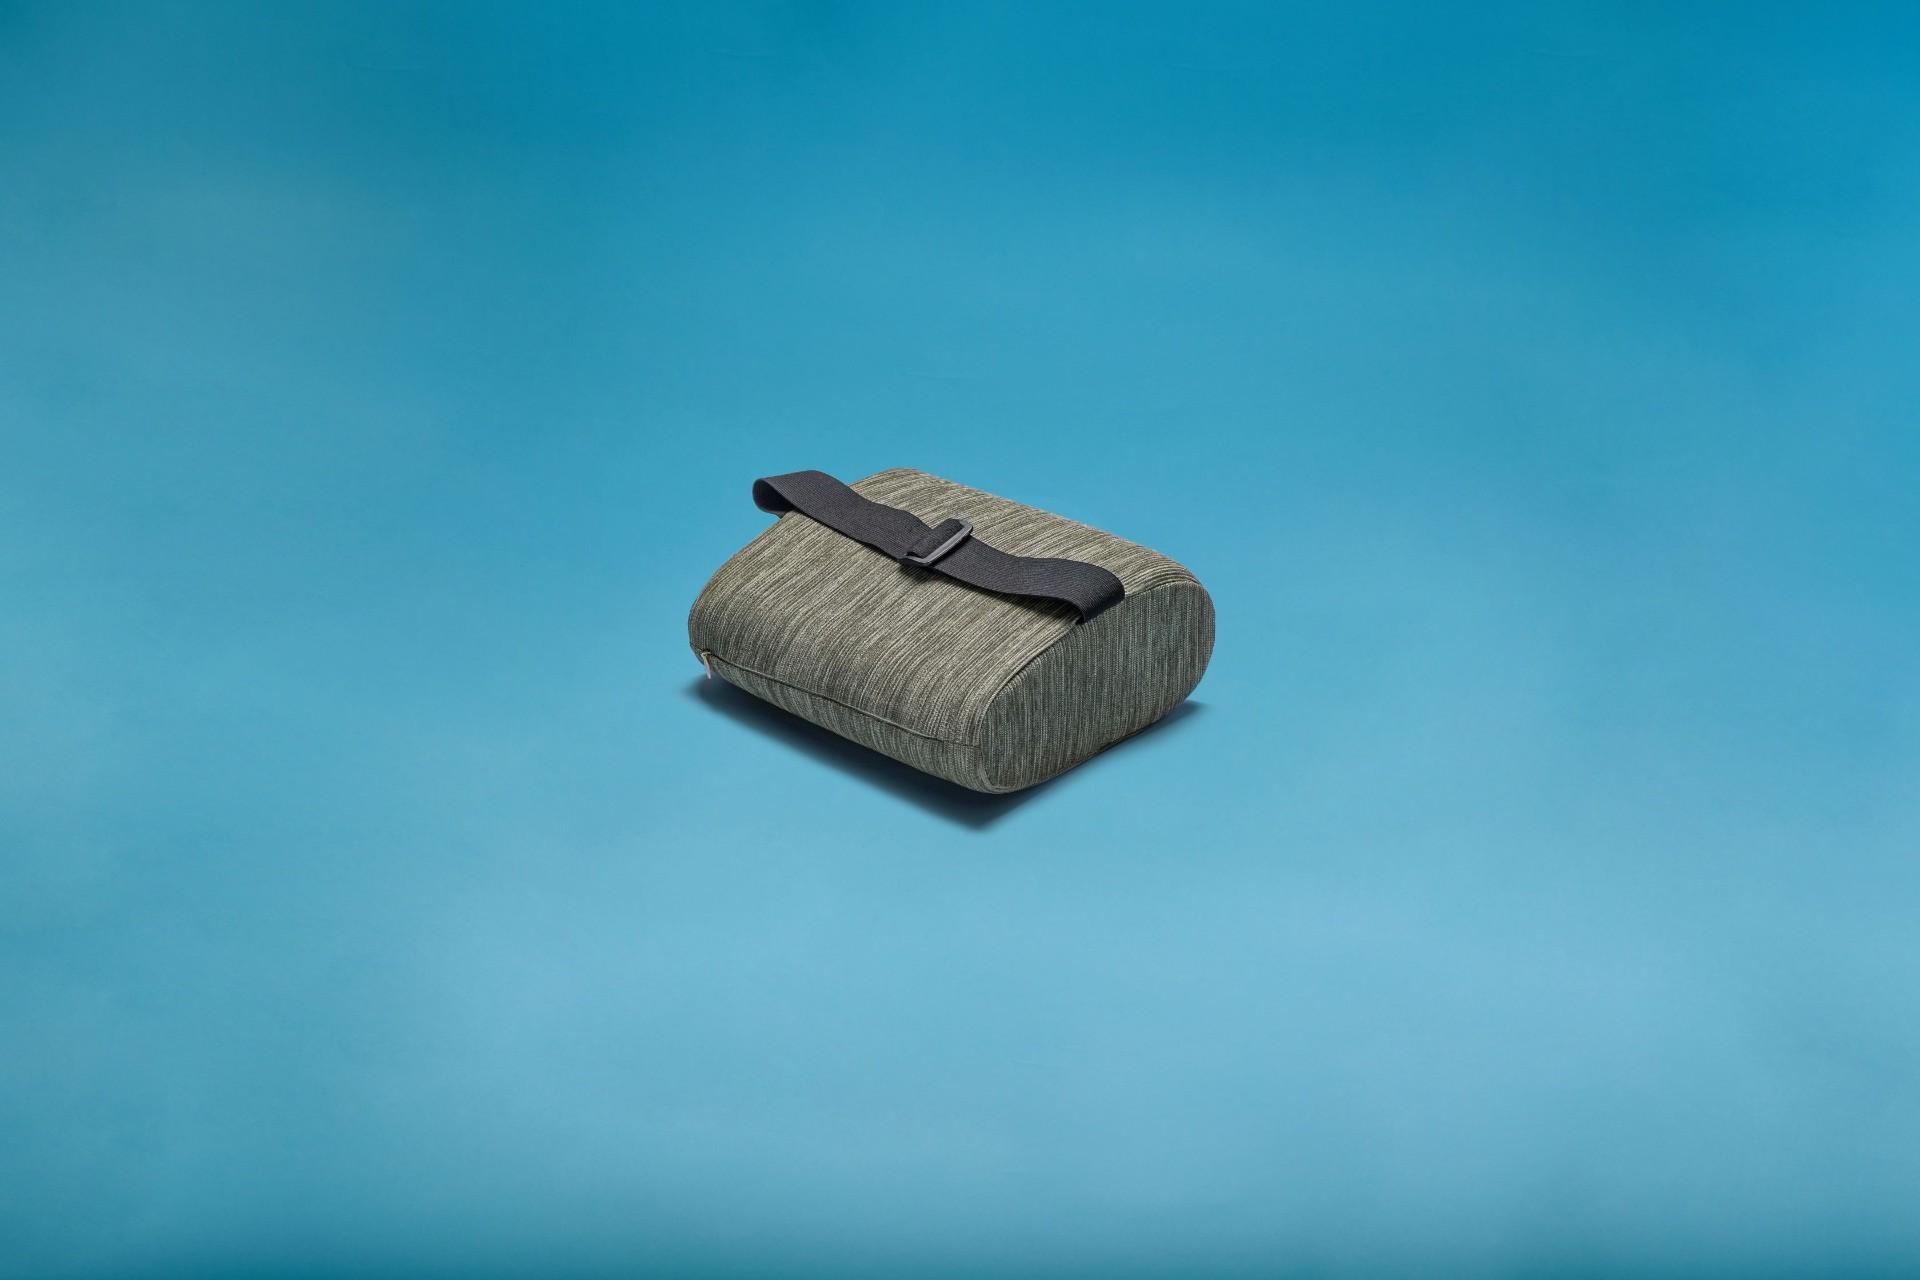 Cuscino sostegno lombare per la schiena